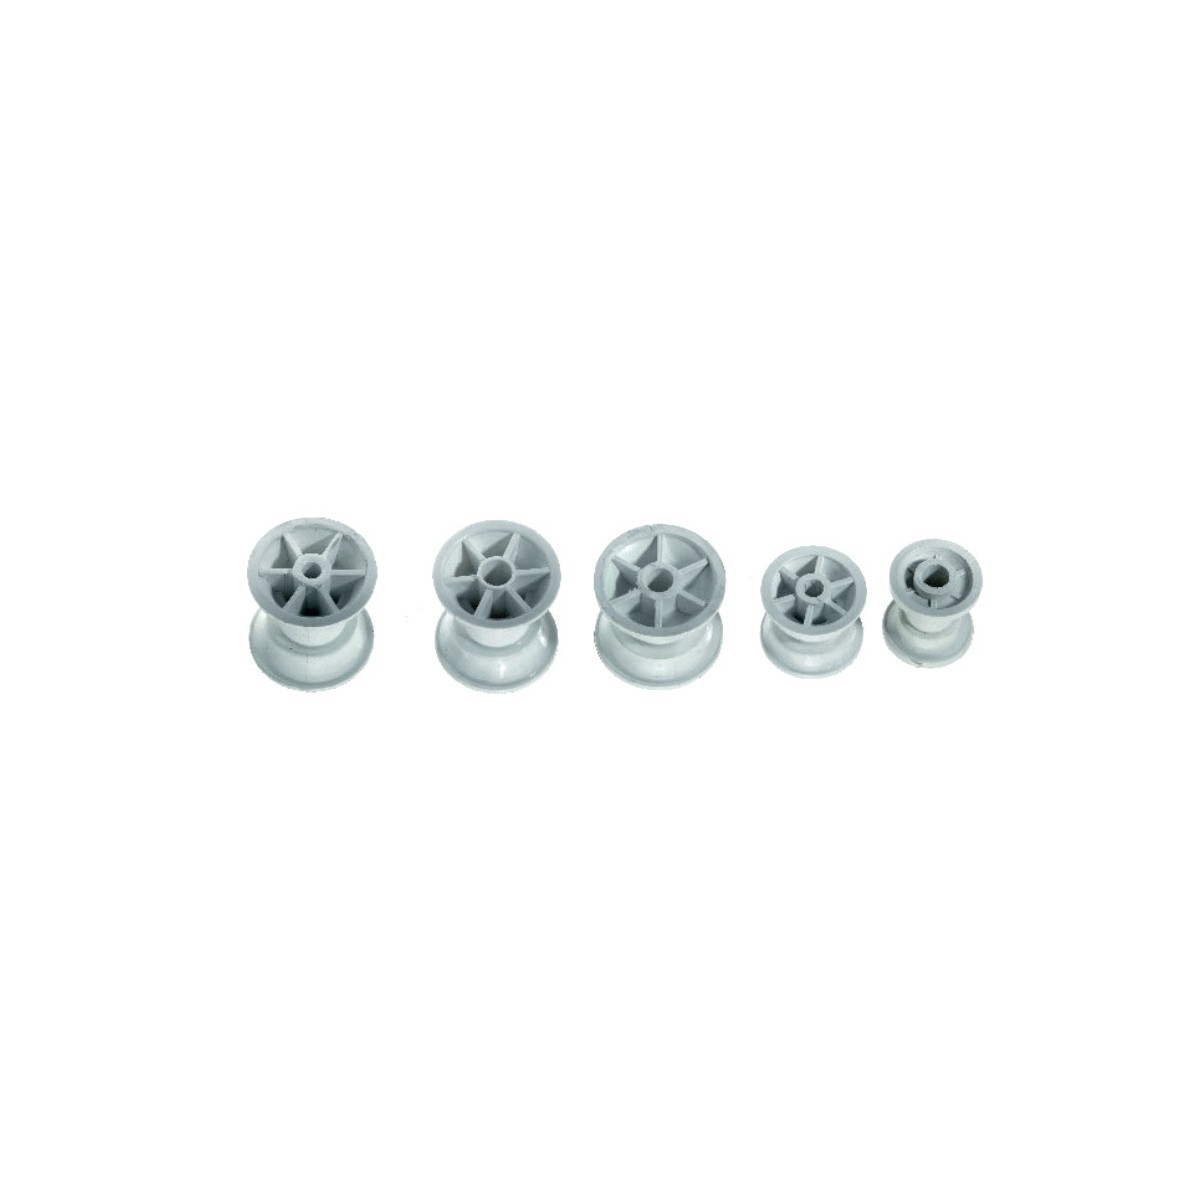 12.99 - Ροδάκι Πλαστικό Μήκους 52mm